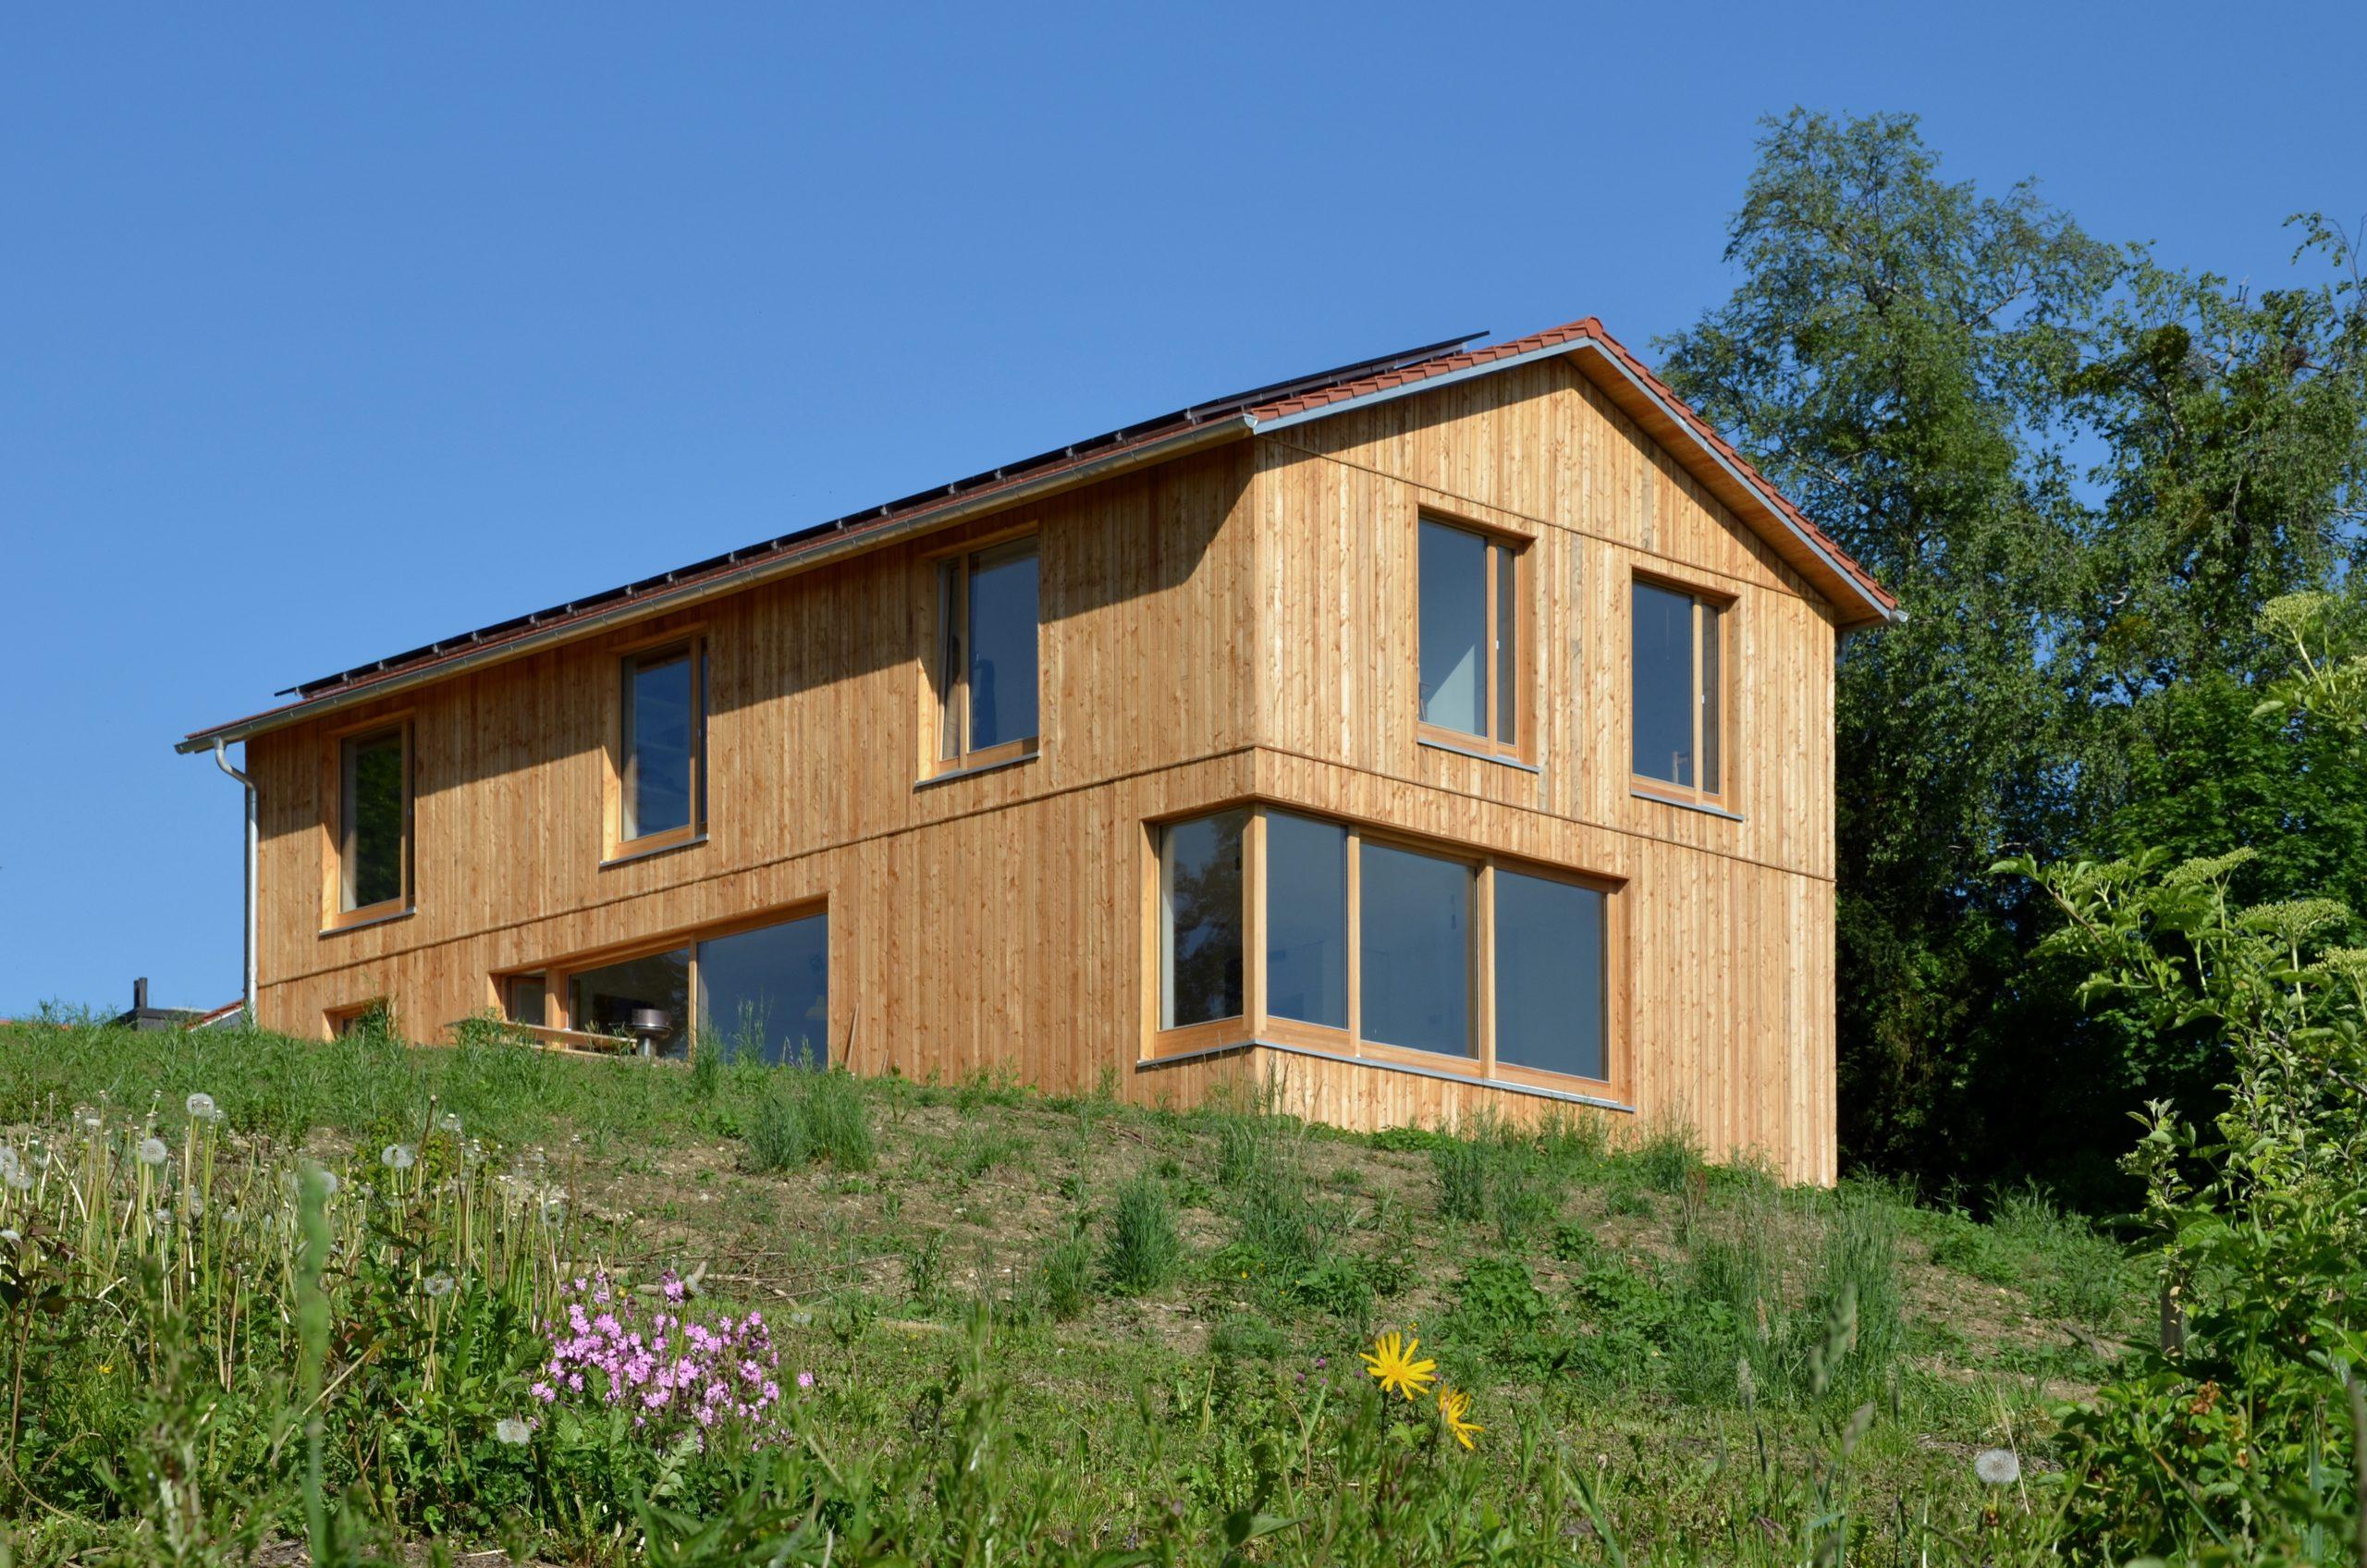 jacob-mayer-voigt-architekt-interior-design-architektur-holzhaus-design-fassade